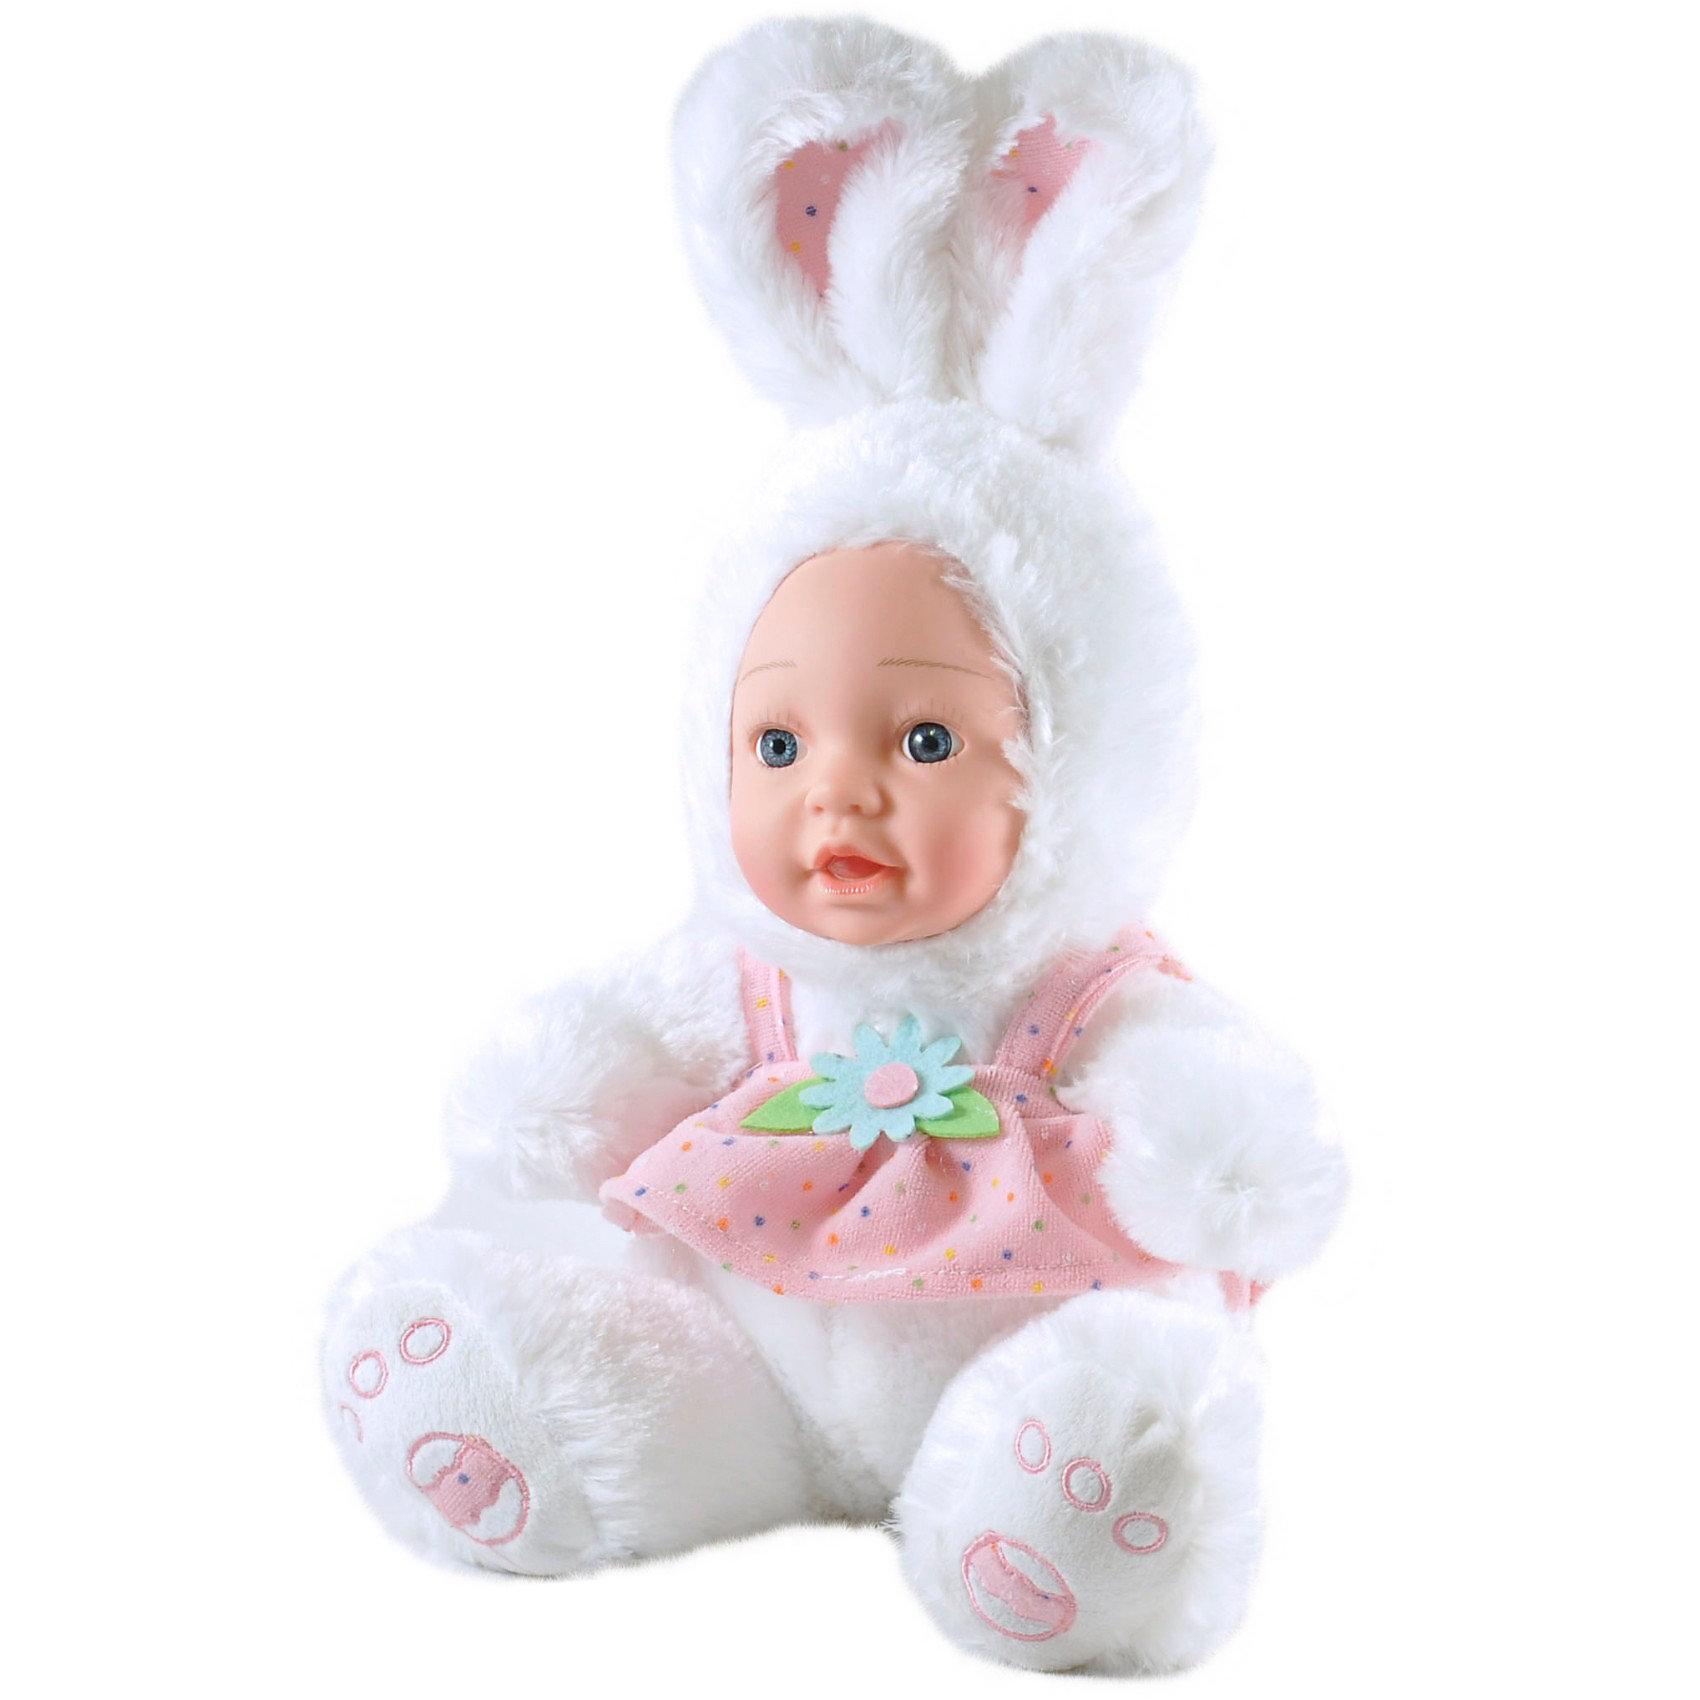 Кукла Зайчик в платьице, Anna De WaillyМягкие куклы<br>Кукла Зайчик в платьице, Anna De Wailly (Анна Дэ Вэйли) – это настоящий шедевр от французского дизайнера-модельера, которая производит авторские наряды для маленьких детей. <br><br>Очаровательная кукла-малышка Зайчик в платьице – это настоящий «спасатель» настроения. Перед трогательной куклой, выполненной в образе зайчика в розовом платье, не устоит никто! Выразительные глазки куклы открыто и доверчиво смотрят на мир, словно приглашая подружиться и доверить плюшевому другу свои секреты.<br><br>Дополнительная информация:<br>-Материал: ПВХ, мех искусственный<br>-Высота: 25 см<br><br>Кукла-малыш зайчик – это настоящий шедевр. Трогательное личико куколки не оставит равнодушными ни детей ни взрослых!<br><br>Кукла Зайчик в платьице, Anna De Wailly (Анна Дэ Вэйли) можно купить в нашем магазине.<br><br>Ширина мм: 240<br>Глубина мм: 150<br>Высота мм: 100<br>Вес г: 220<br>Возраст от месяцев: 36<br>Возраст до месяцев: 1188<br>Пол: Женский<br>Возраст: Детский<br>SKU: 3588195